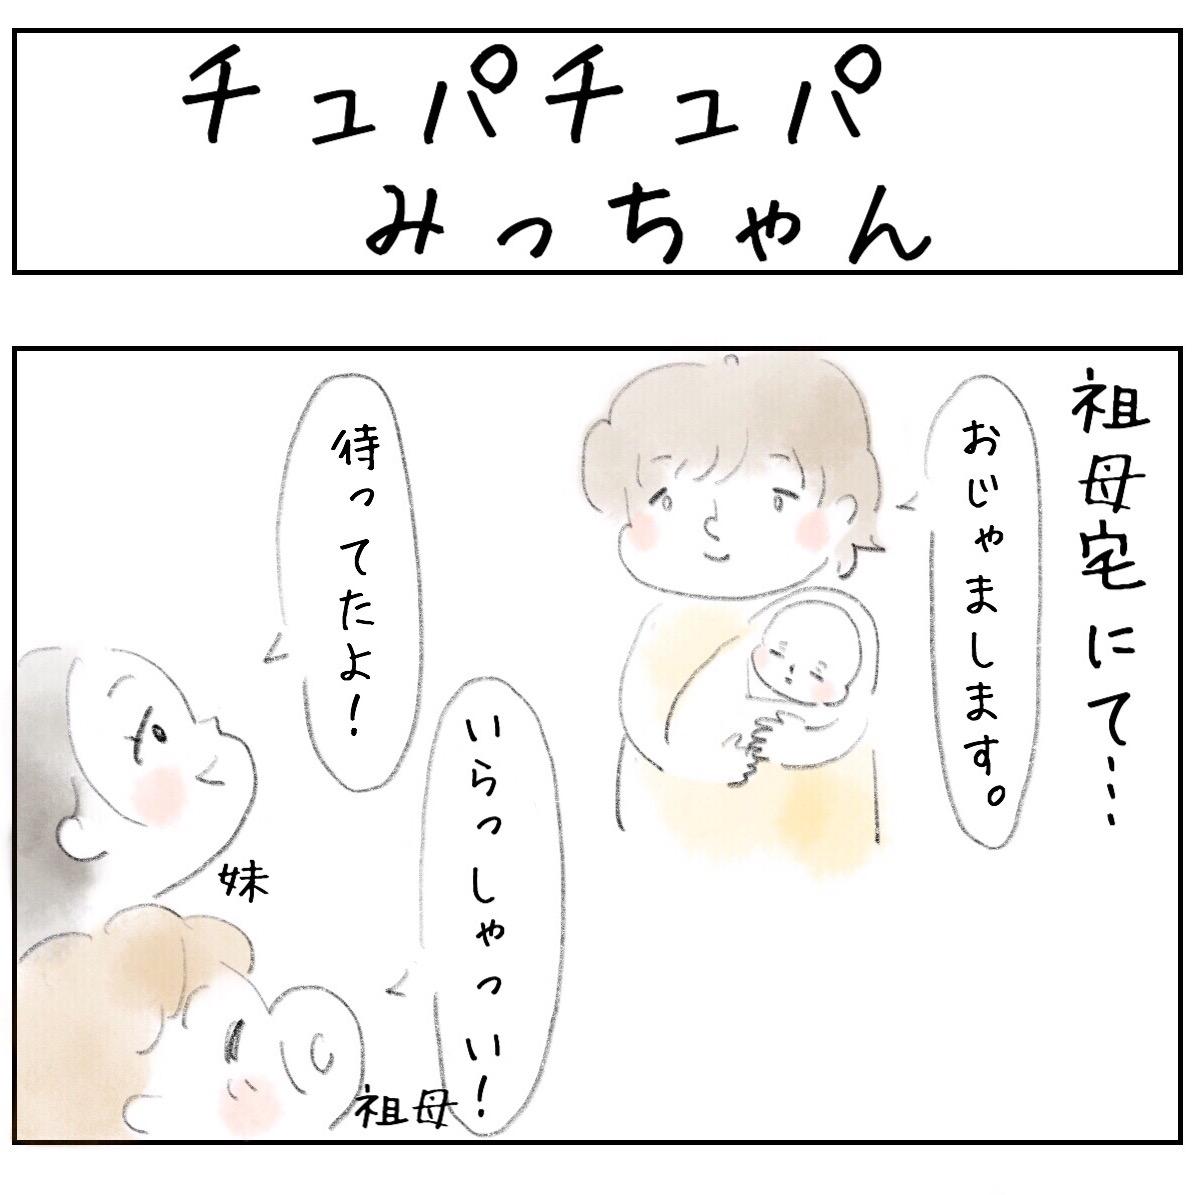 チュパチュパみっちゃん